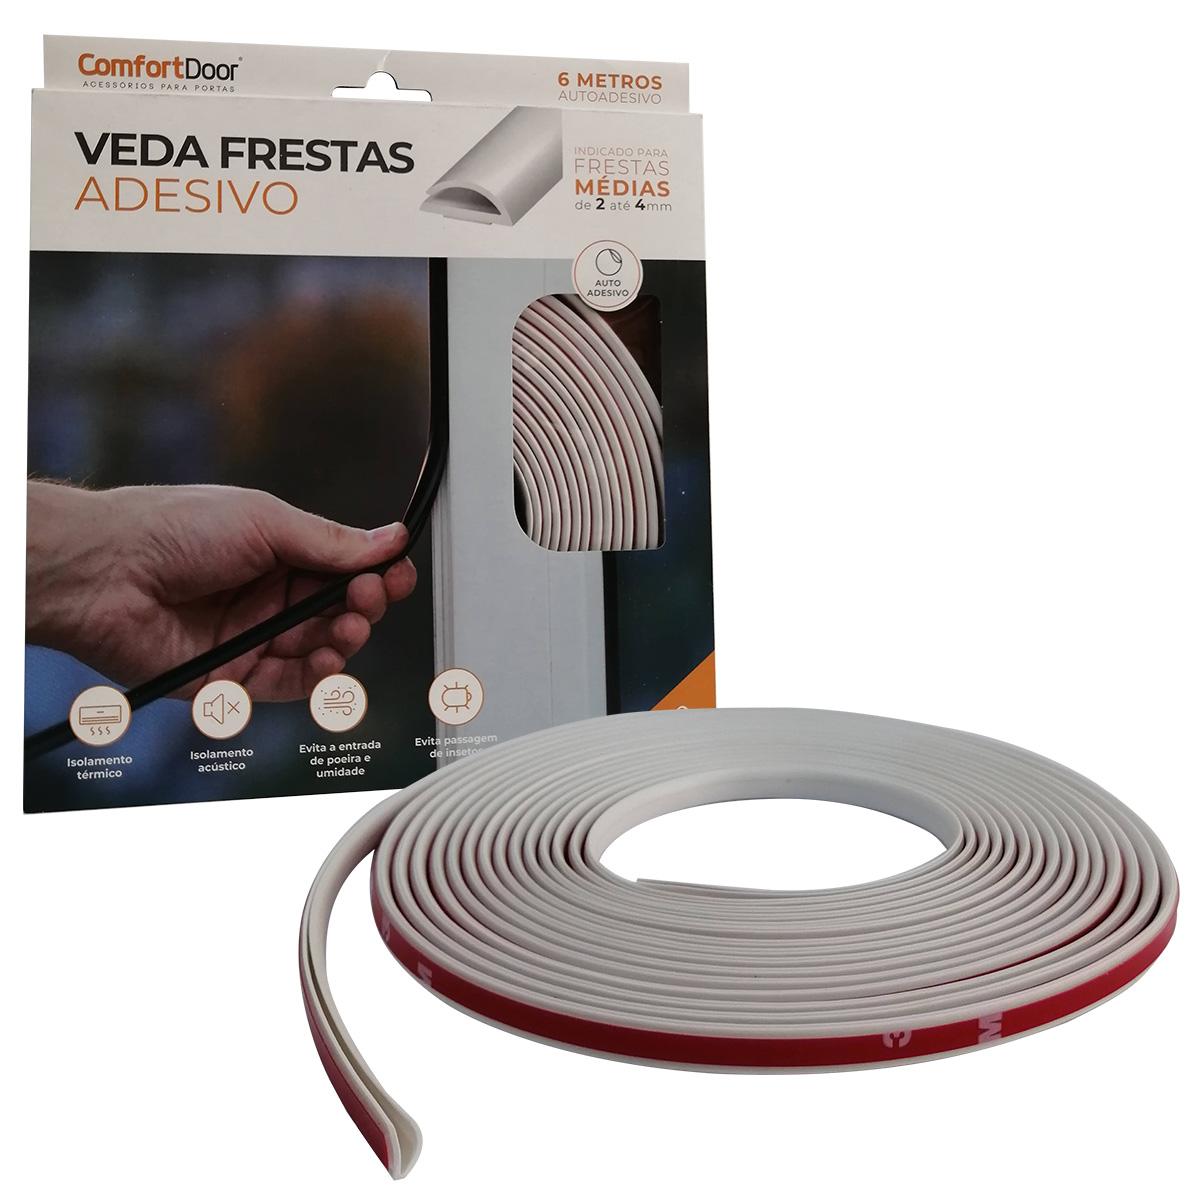 Veda Frestas Janela Porta 4x8mm Comfort Door - 6 Metros